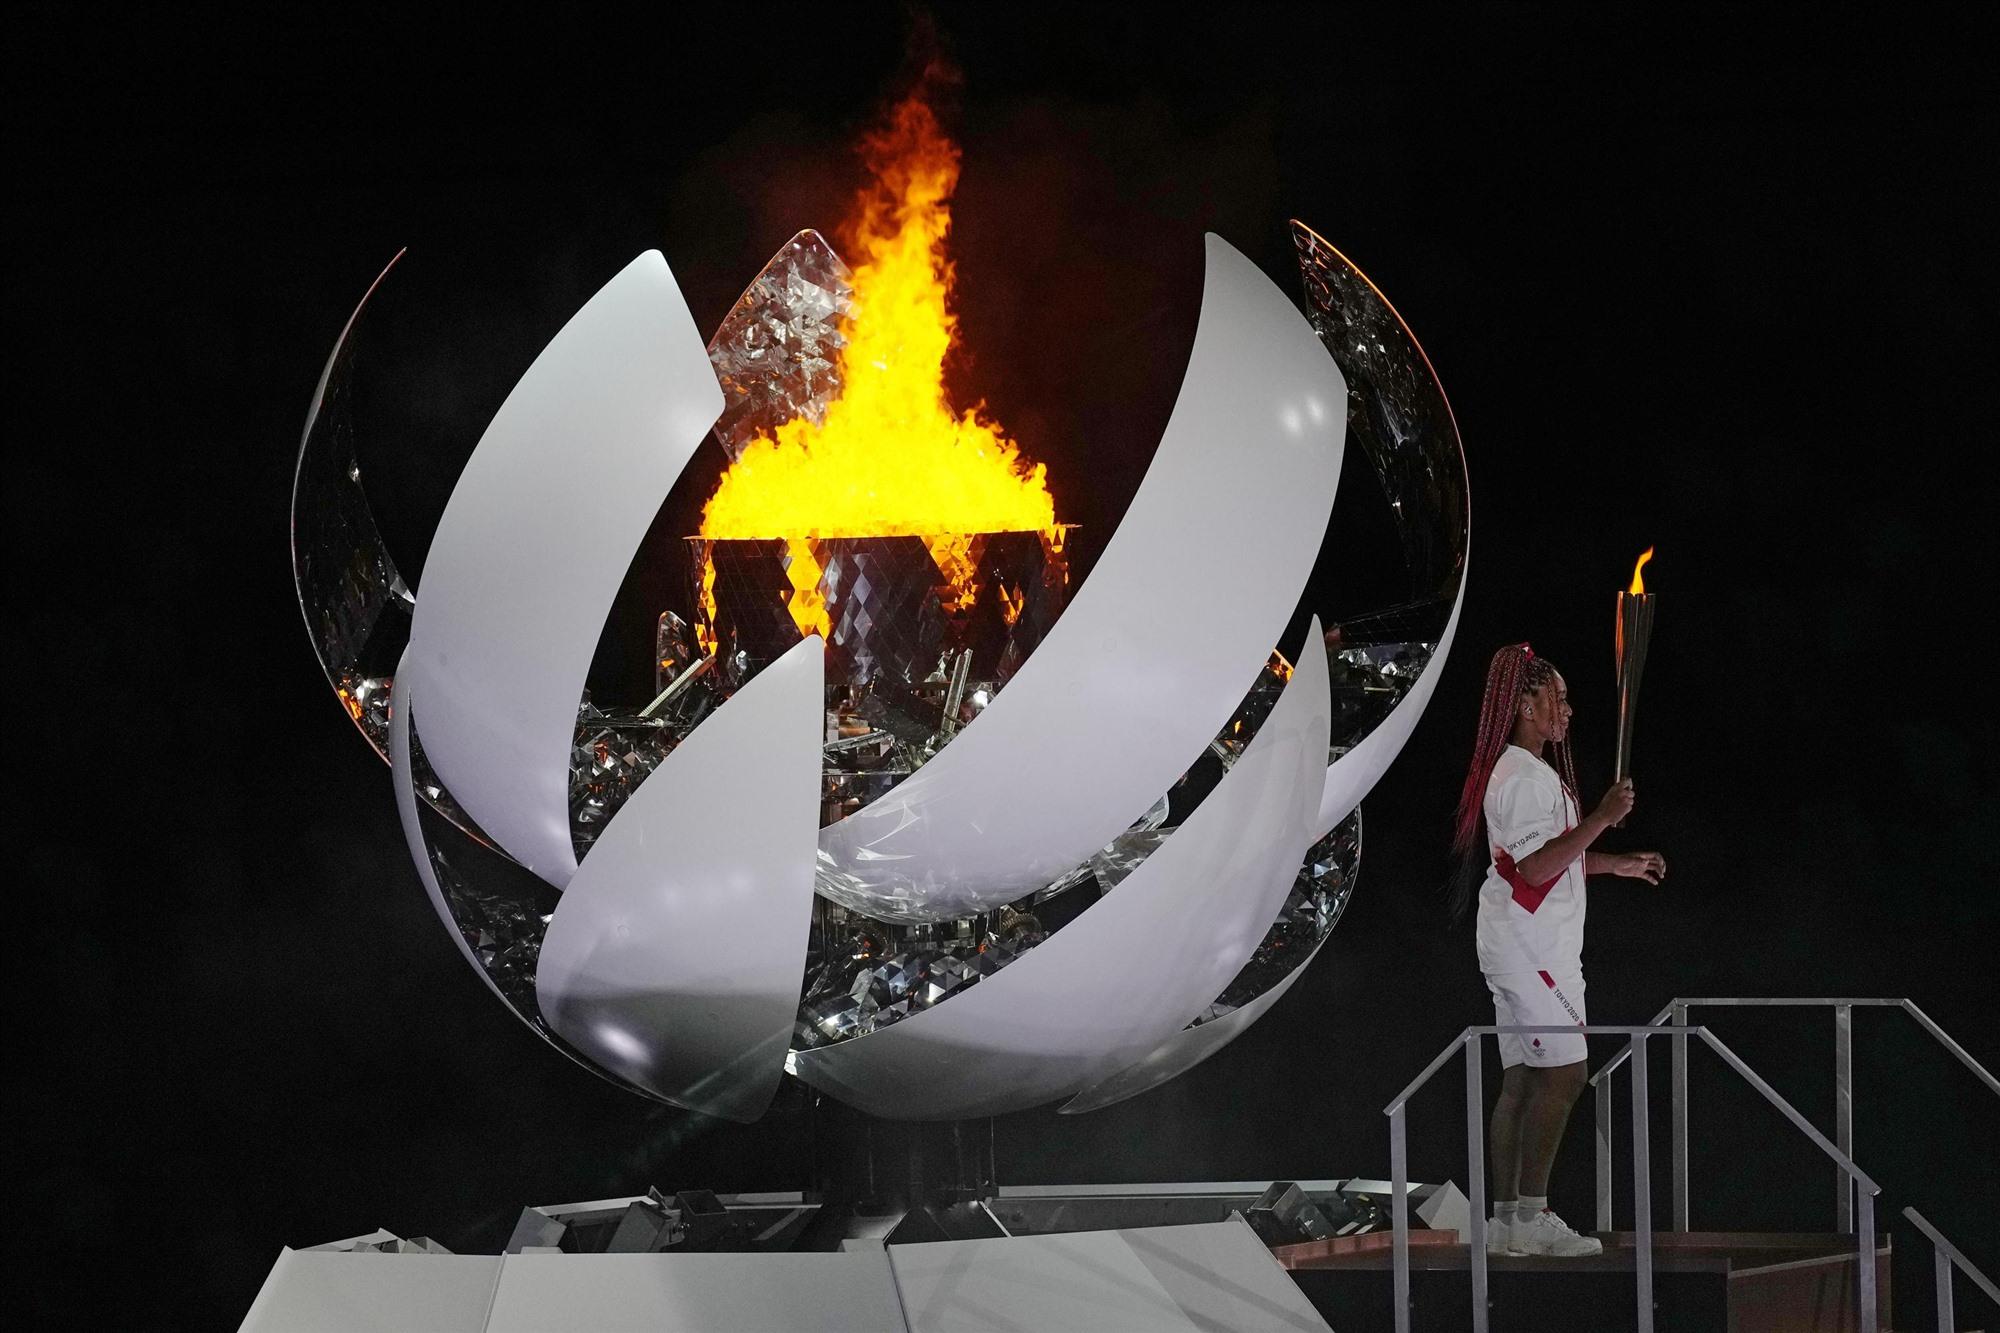 Vận động viên quần vợt Naomi Osaka thắp sáng ngọn lửa Olympic trong lễ khai mạc ngày 23.7. Ảnh: AP